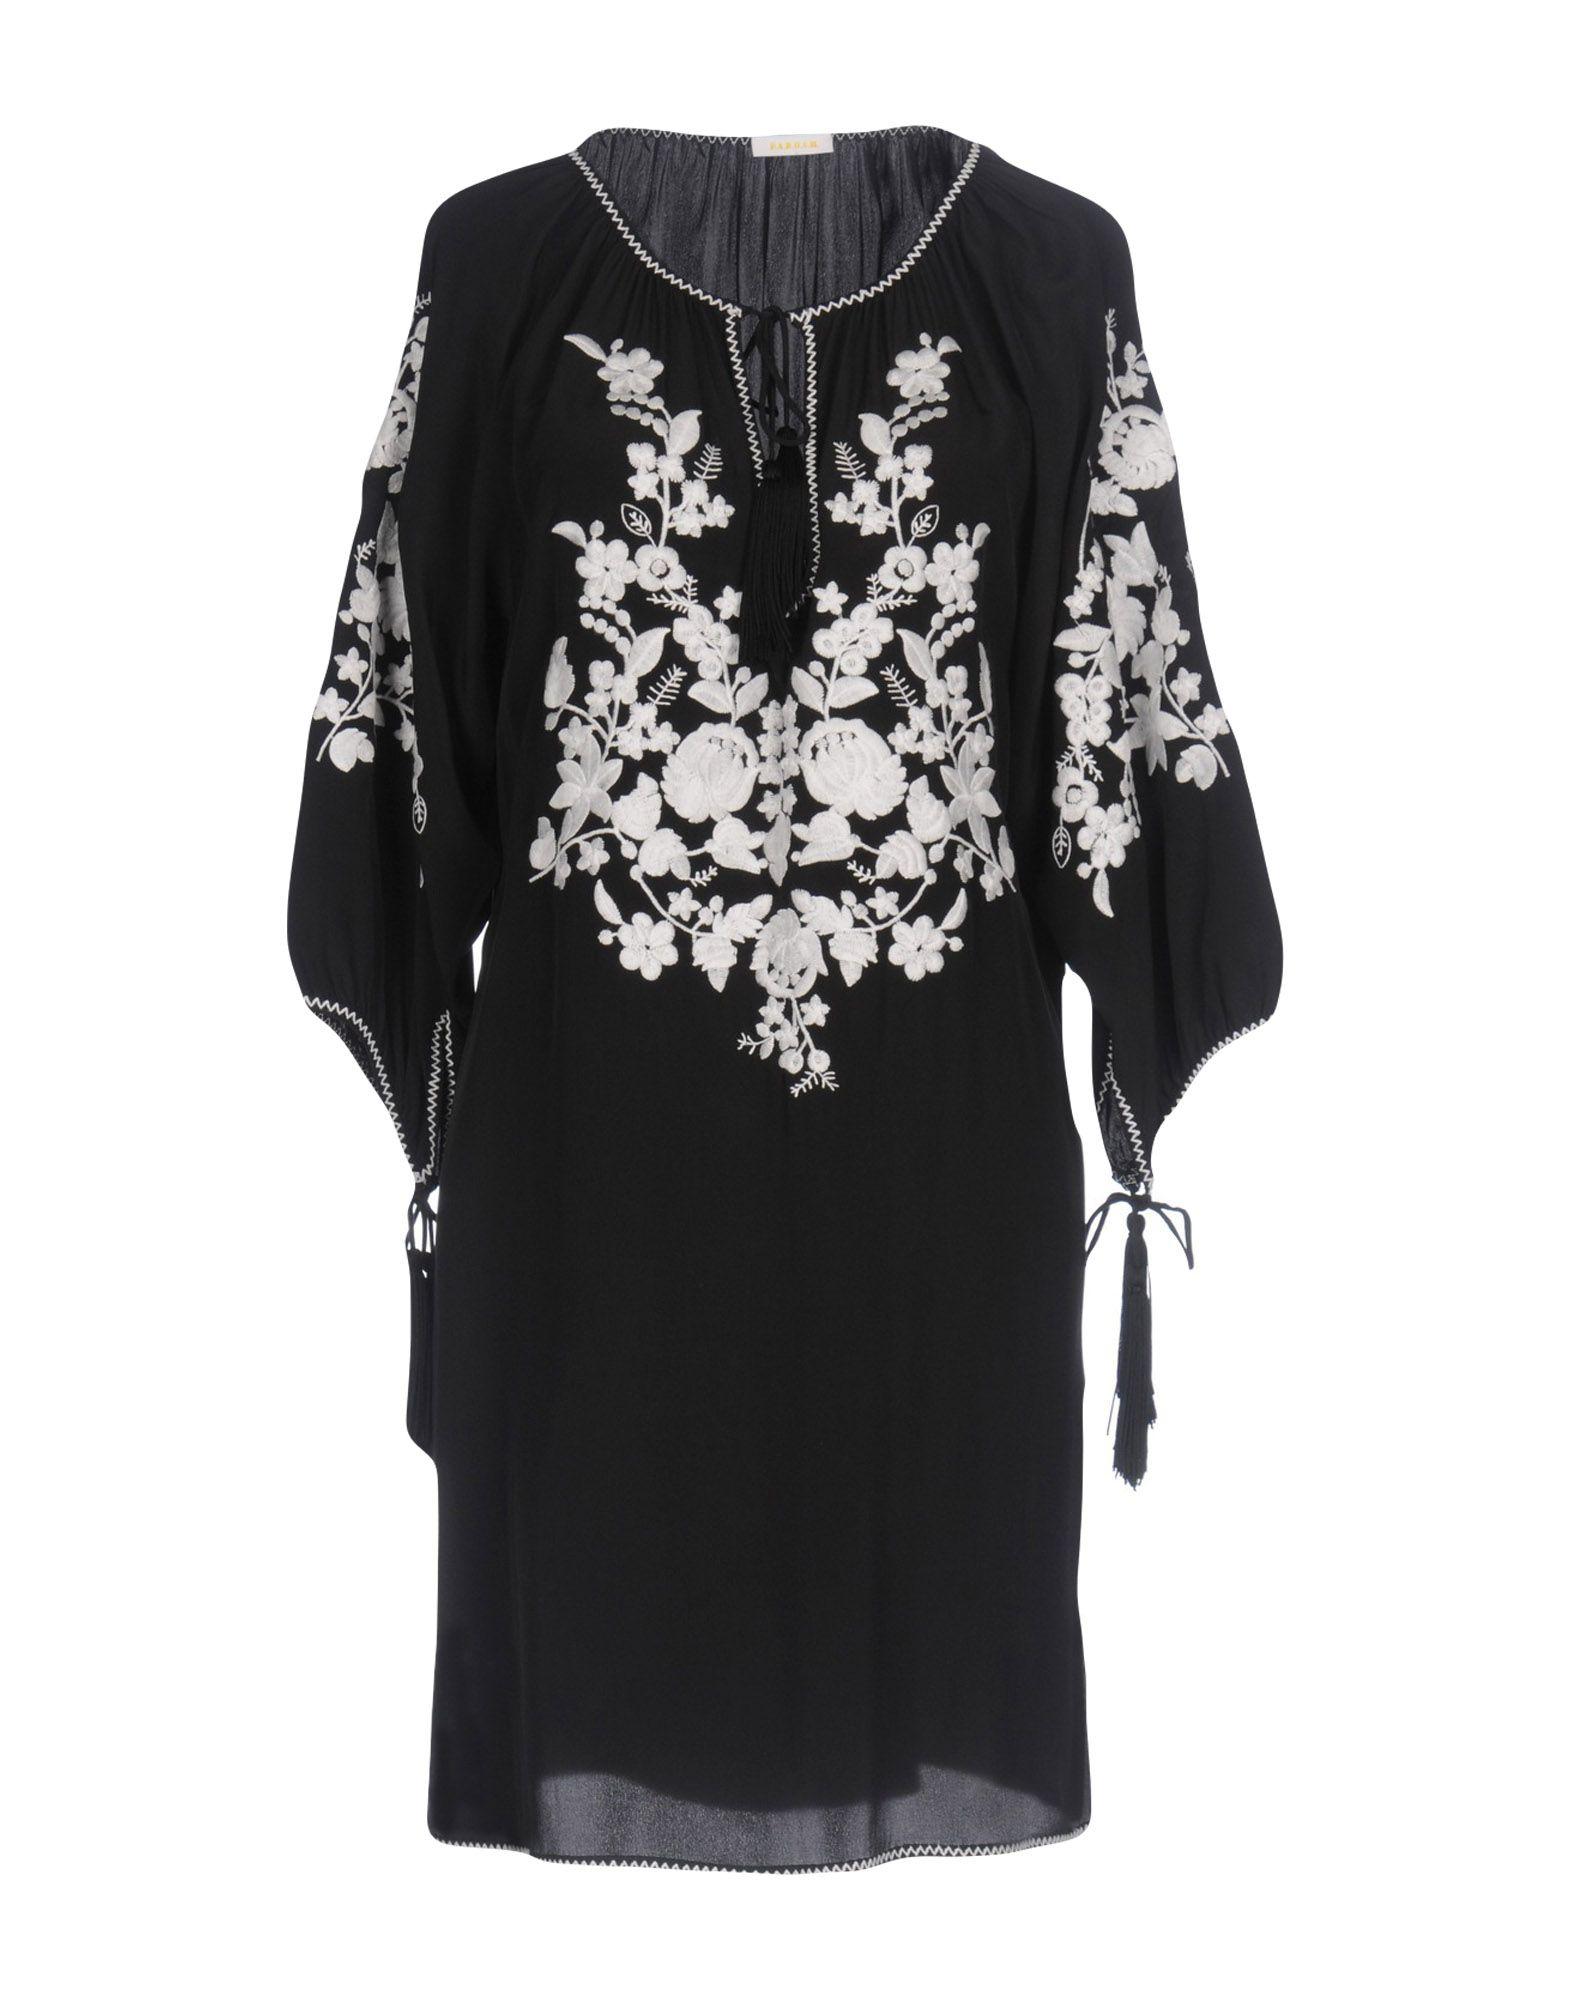 P.A.R.O.S.H. Damen Kurzes Kleid Farbe Schwarz Größe 3